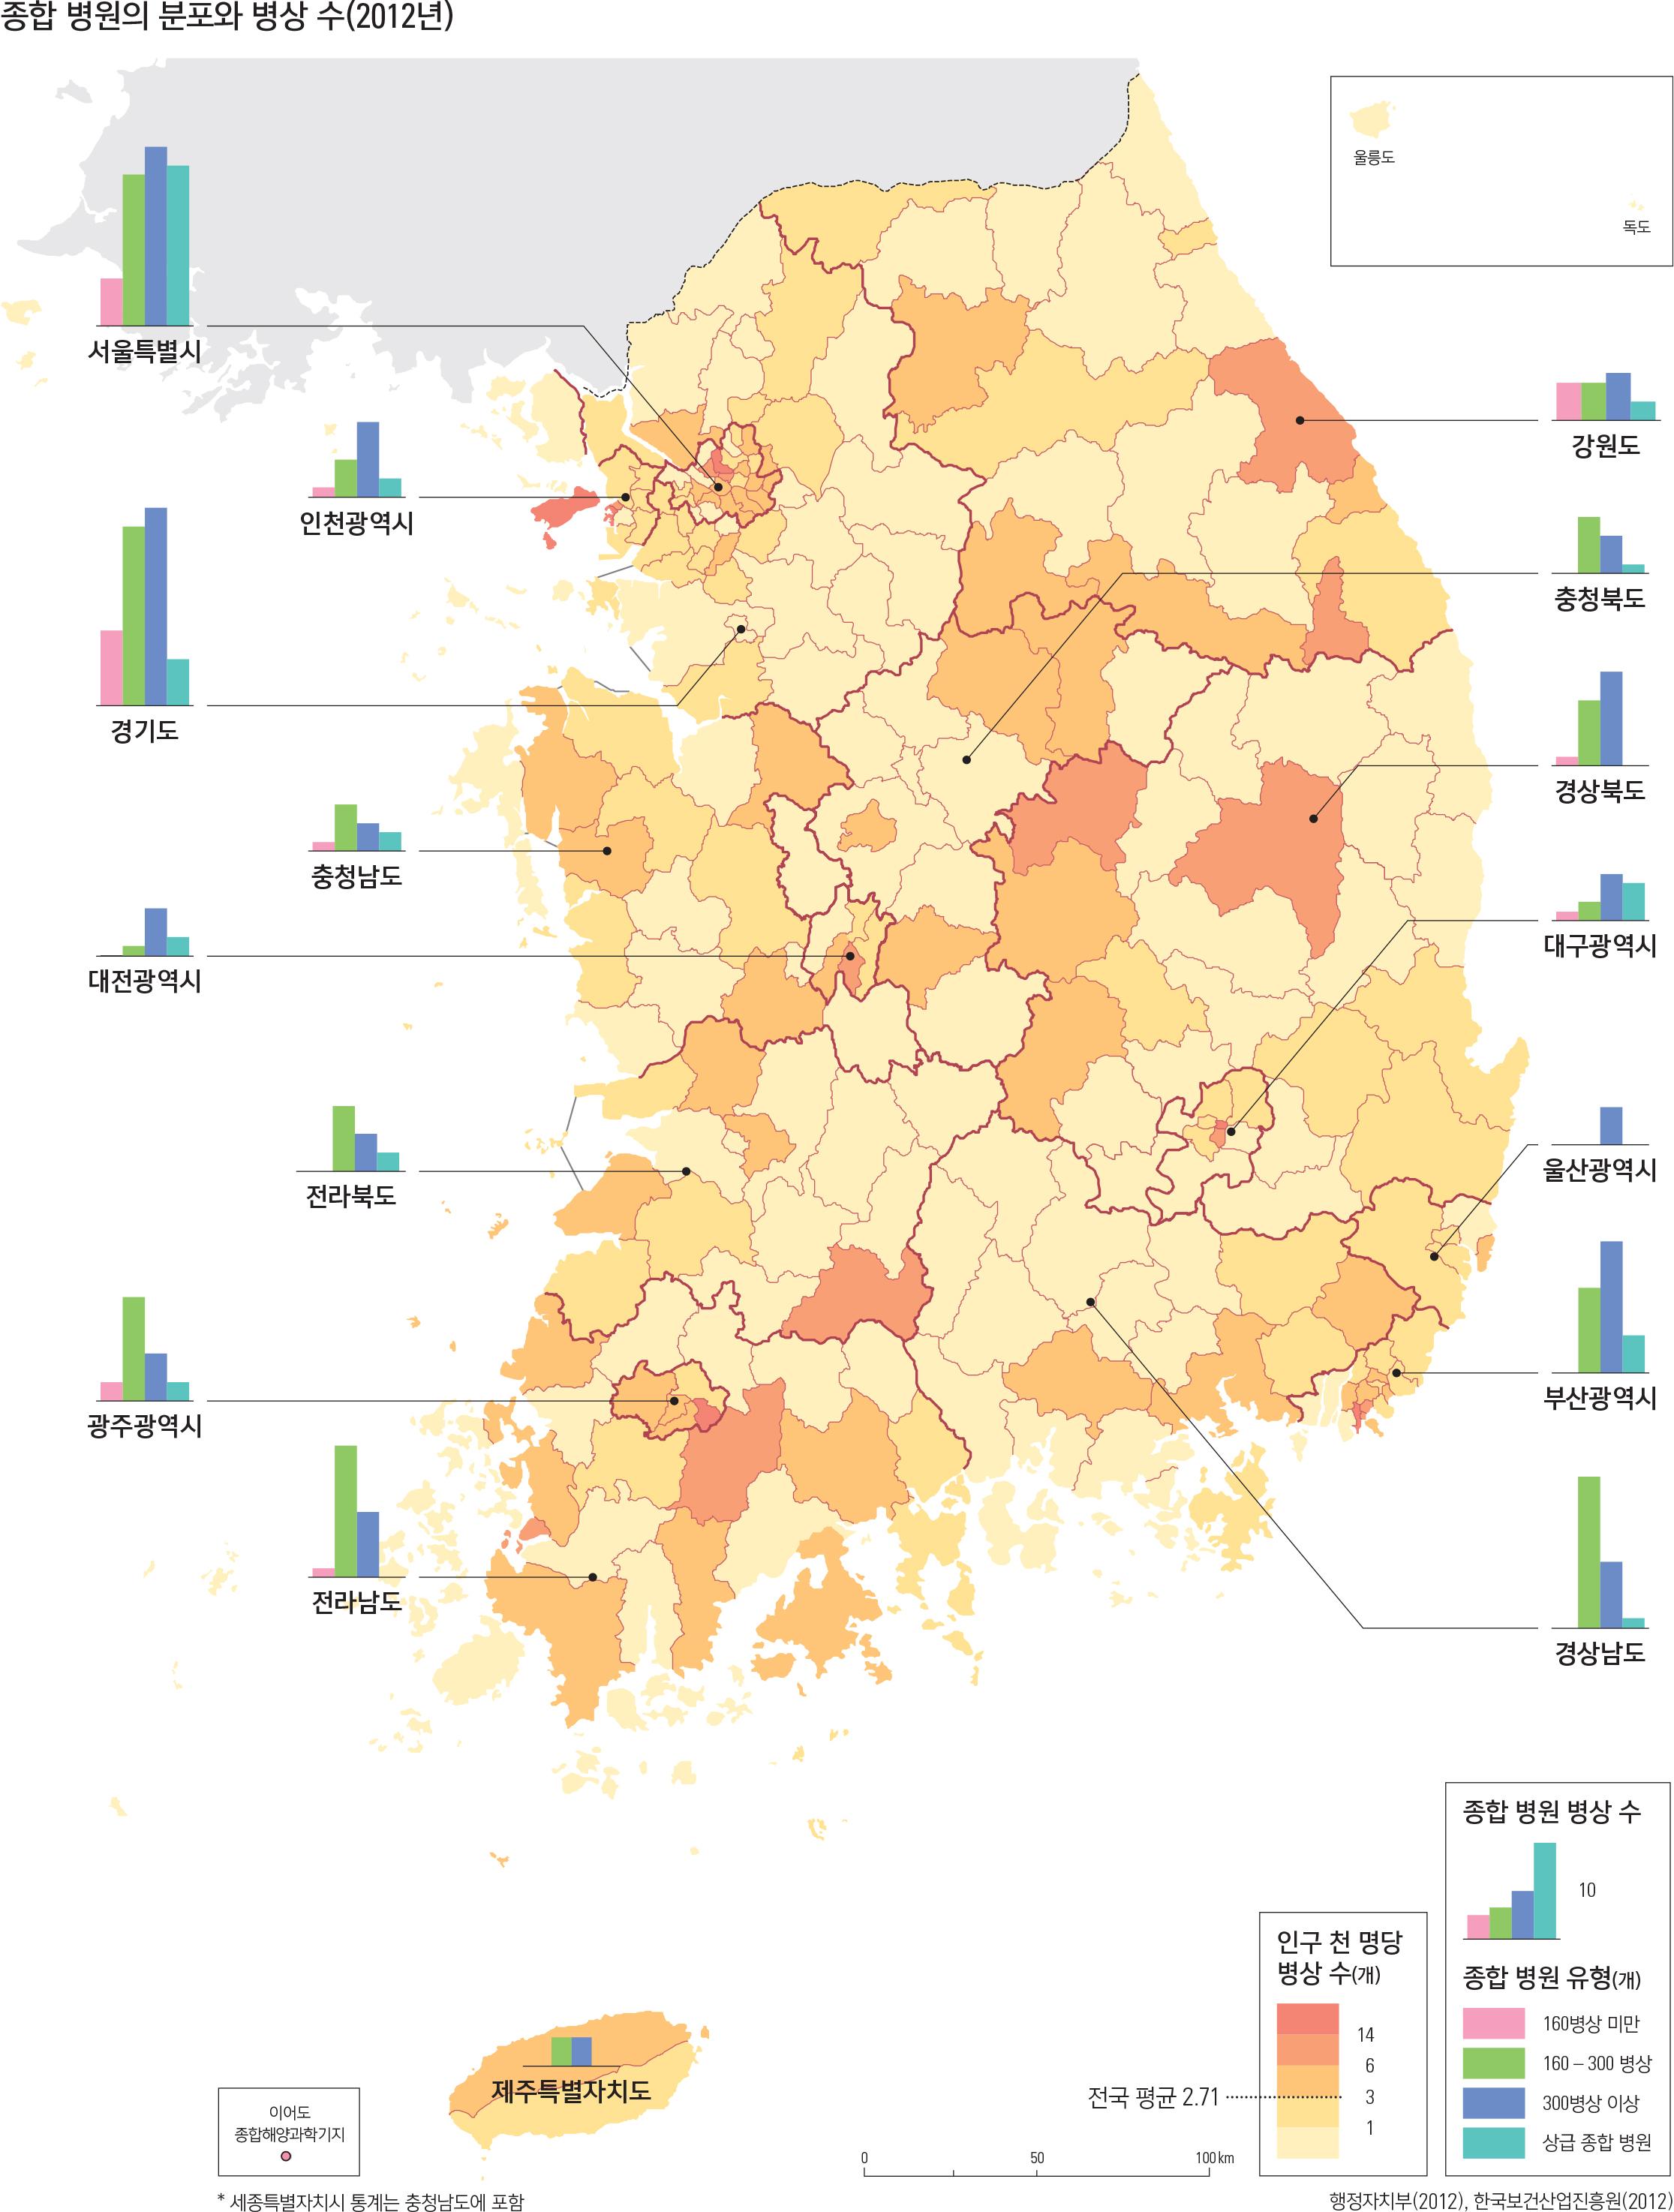 종합 병원의 분포와 병상 수(2012년)